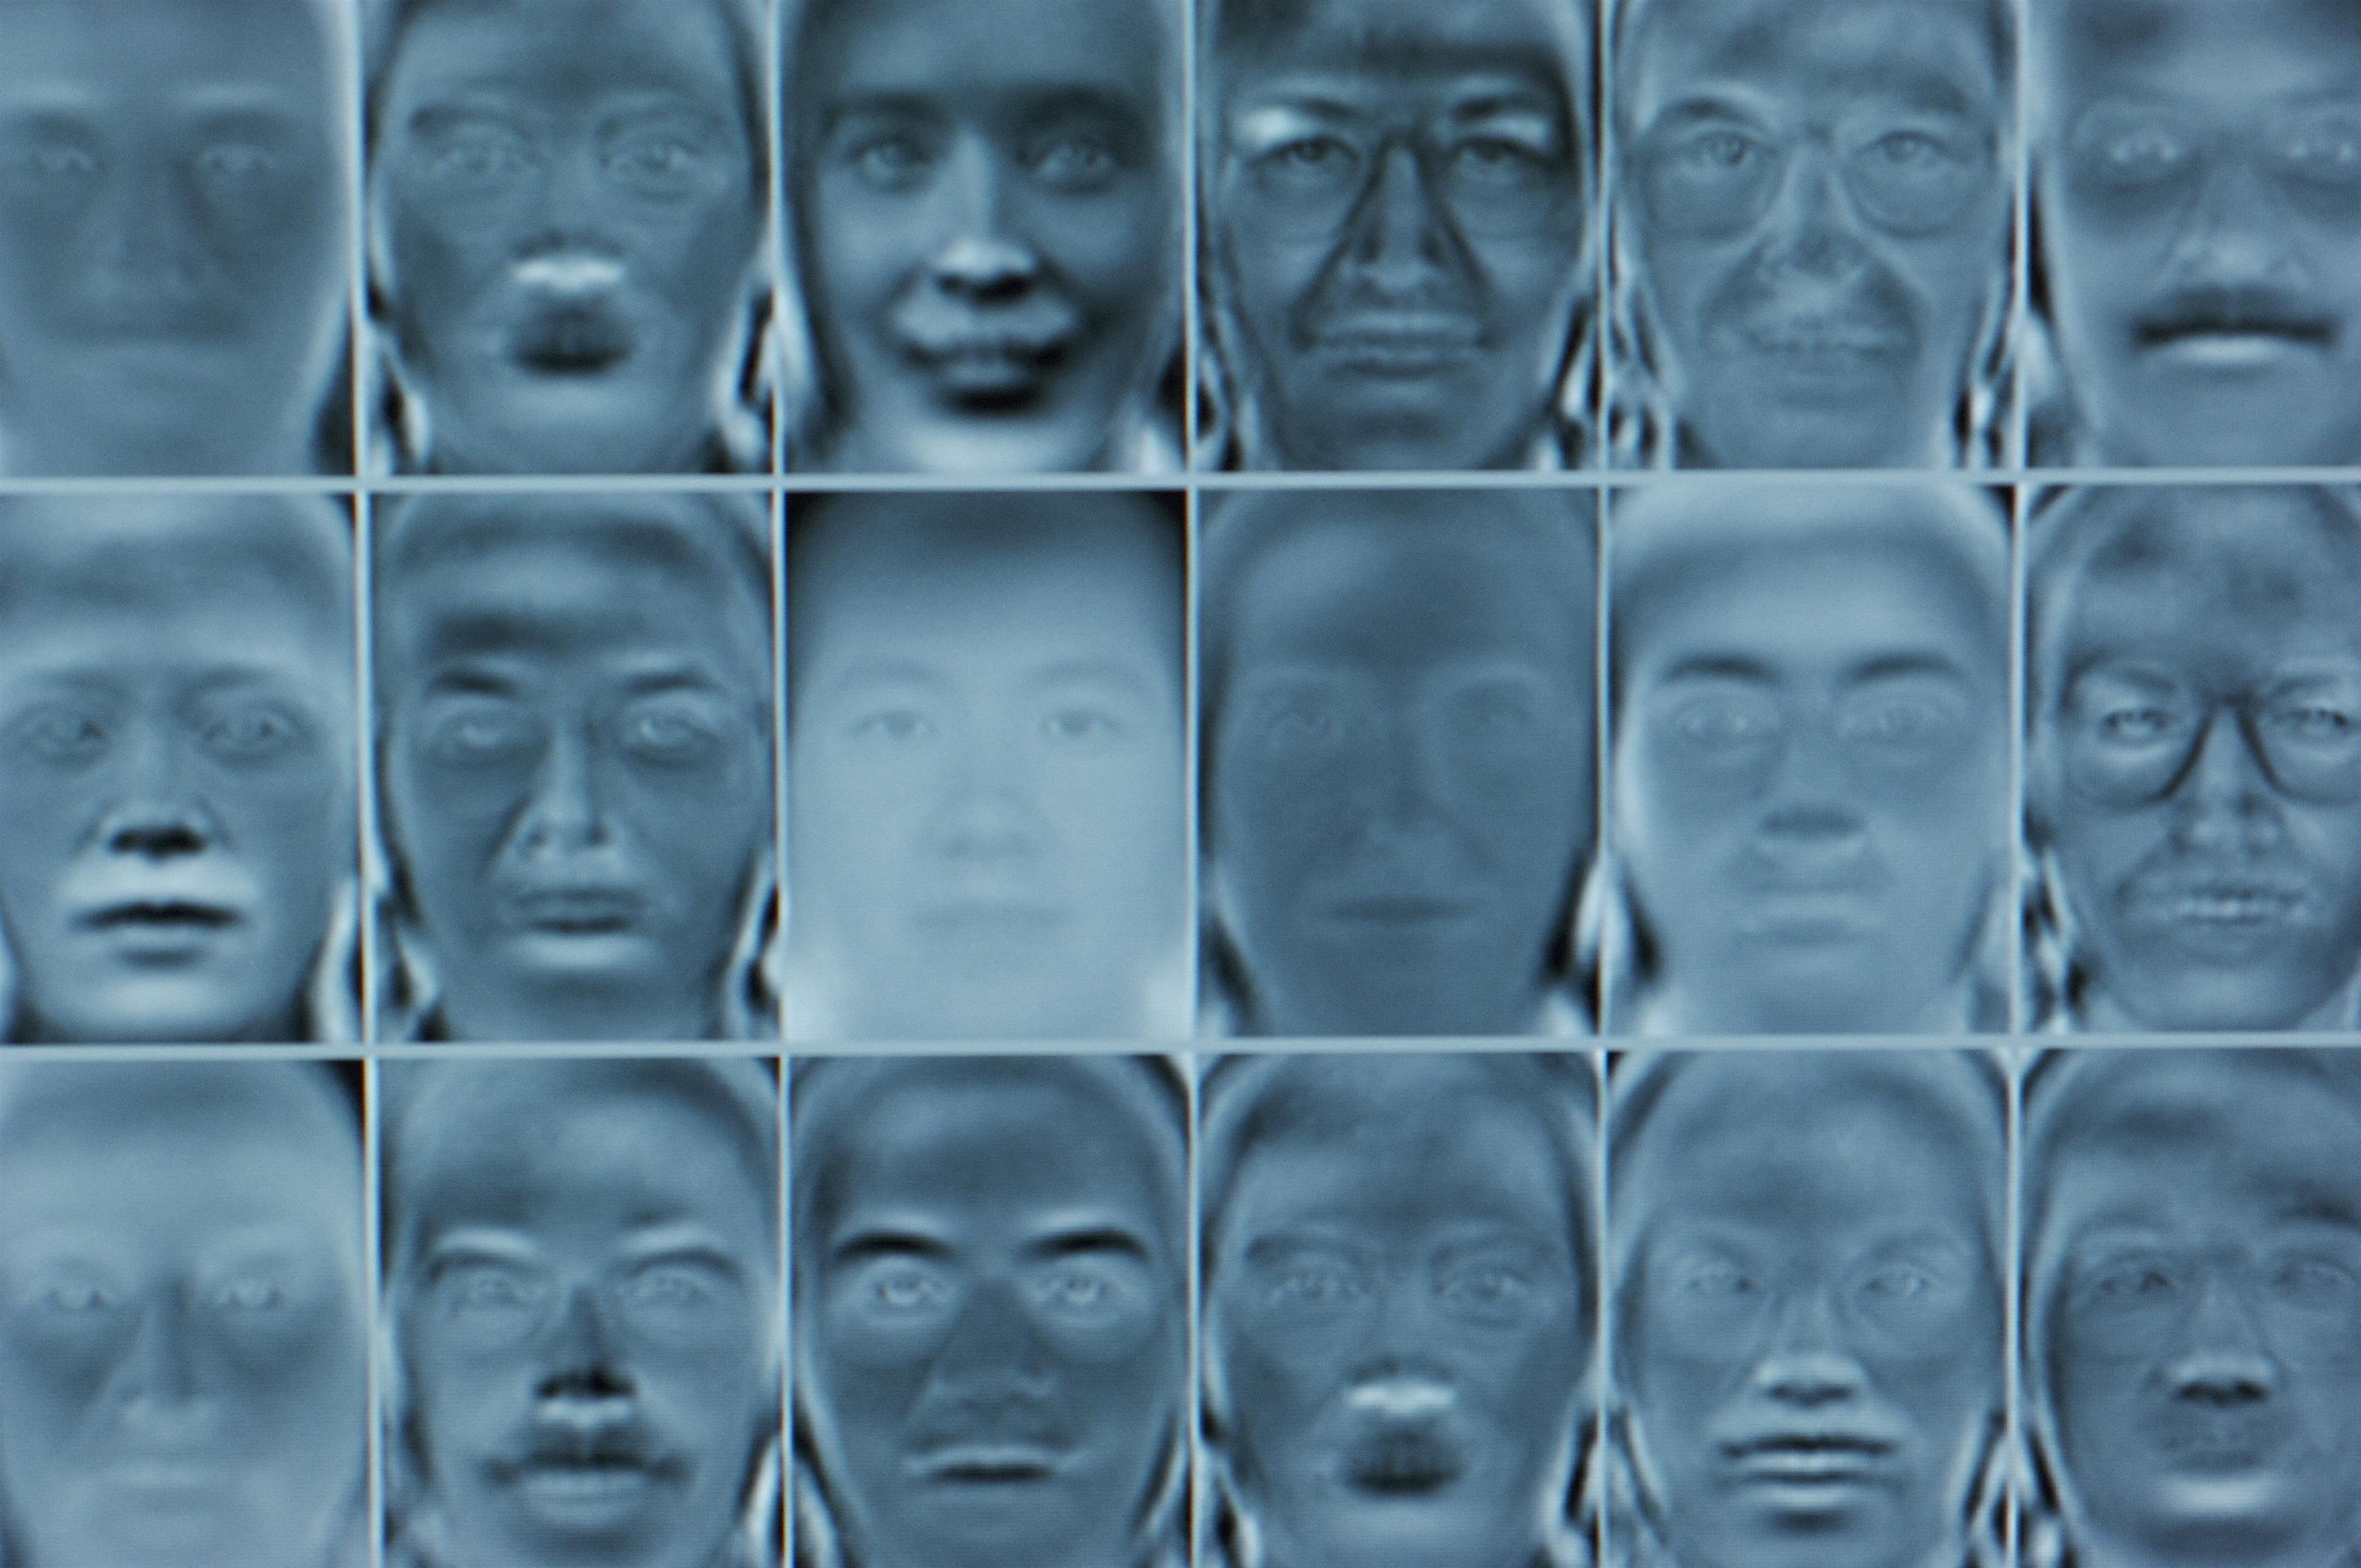 A magyar jogrend nincs felkészülve az olyan intelligens arcfelismerő kamerarendszerekre, amilyen Siófokon épülhet